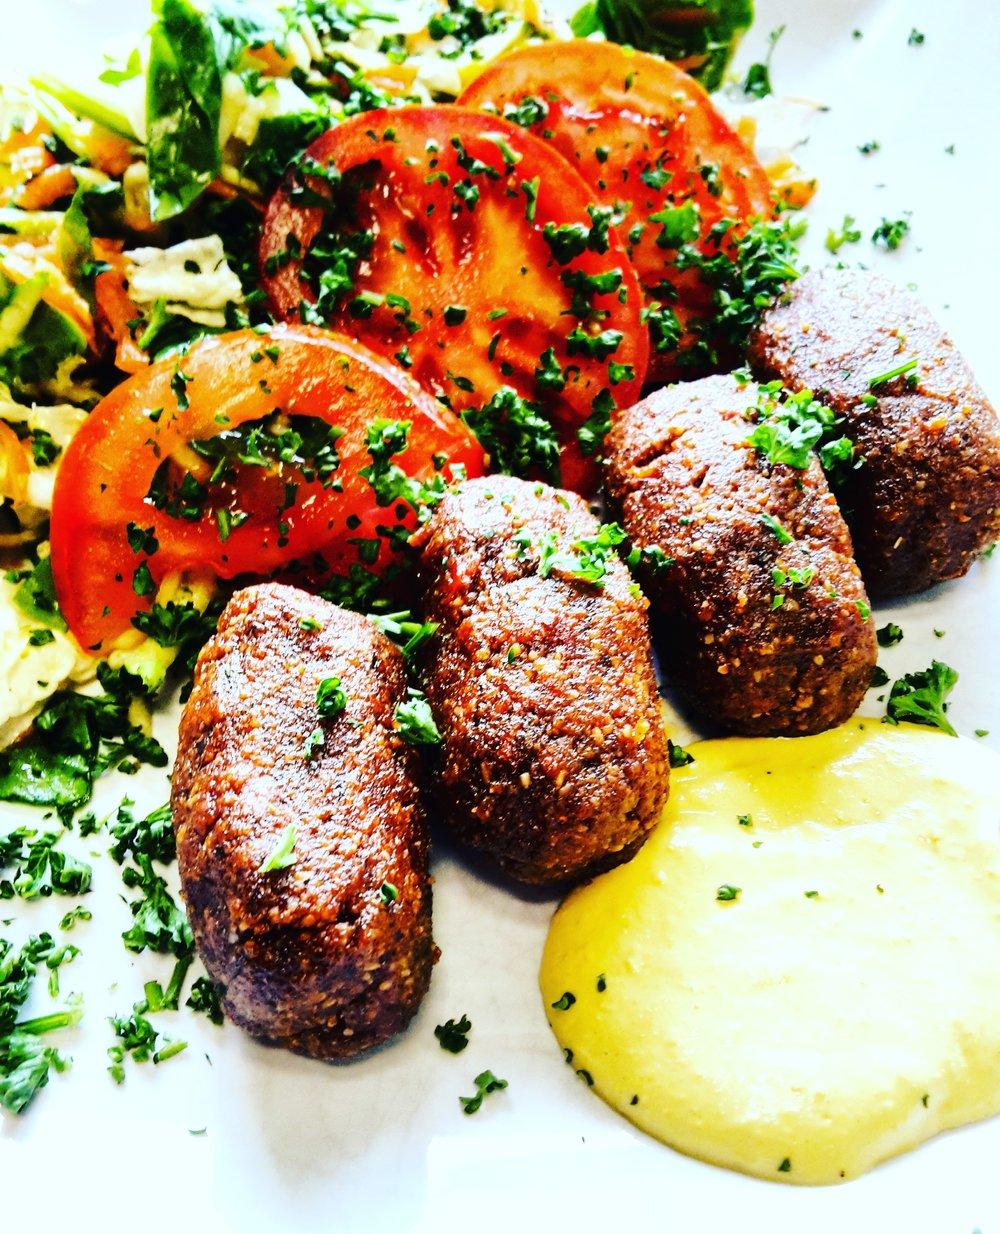 RAW REŠTAURÁCIA BEMBA - V roku 2011 otvorili Zuzka s Robom v Bratislave prvú rawfood reštauráciu na Slovensku s prozaickým názvom Raw Reštaurácia Bemba.Ku svojim zákazníkom pristupujú rovnako ako s sebe, ponúkajú im zdravé nápoje a jedlá ako polievky, šaláty, hlavné jedlá a samozrejme i dezerty, ktoré sú plne vitamínov a enzýmov. Všetky ponúkané jedlá sú čisto rastlinného pôvodu, bezmliečne, bezlepkové, bez sóje, mäsa, vajec či cukru vďaka čomu sú vhodné aj pre alergikov. Keďže sa mnohí zákazníci viac a viac zaujímajú o raw stravu, Zuzka s Robom organizujú mnohé workshopy, kurzy a podobné akcie, na ktorých približujú ľuďom svoj životný štýl a ukazujú ľudom cestu, ako sa dá v dnešnom konzumnom svete stravovať zdravšie. Raw Restauracia Bemba sa na vás už teraz teší.